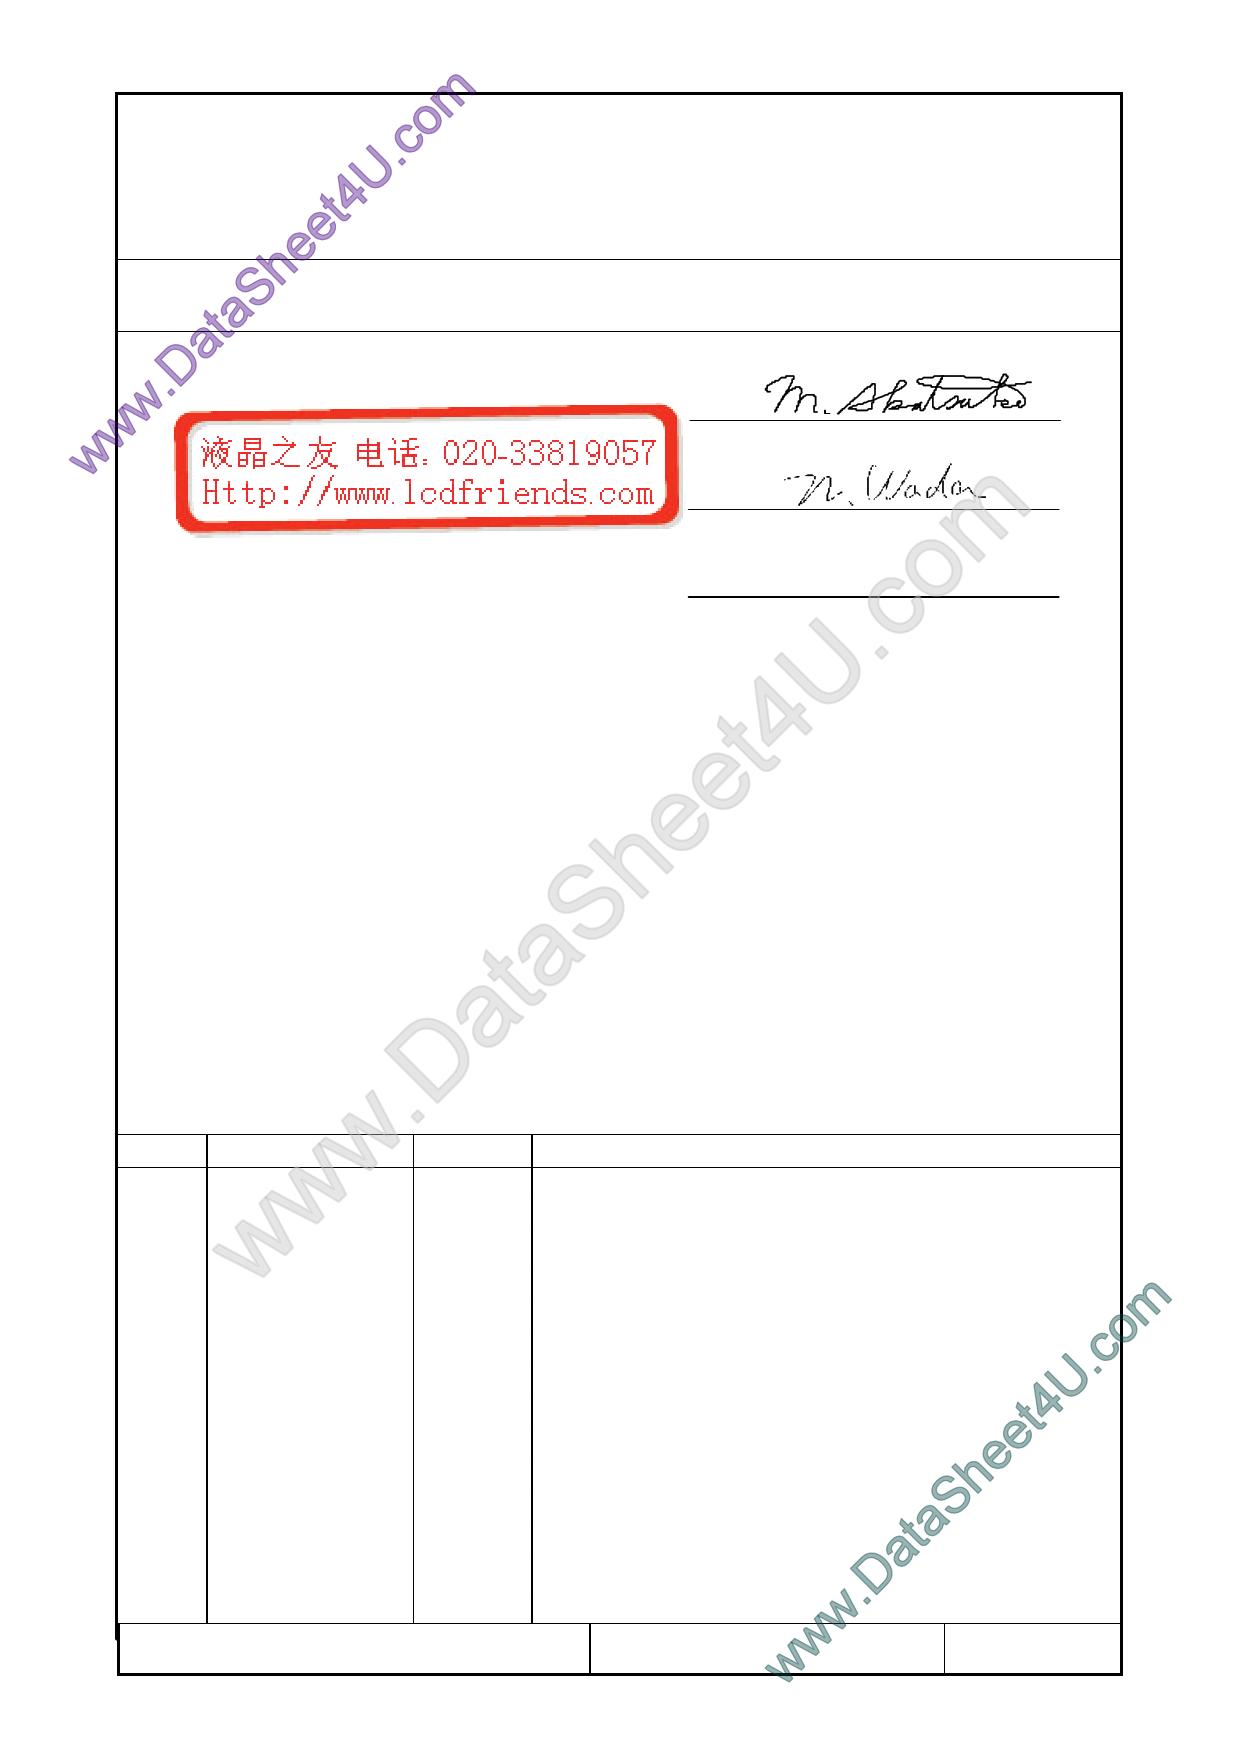 F-51852GNFQJ-LG-ACN دیتاشیت PDF